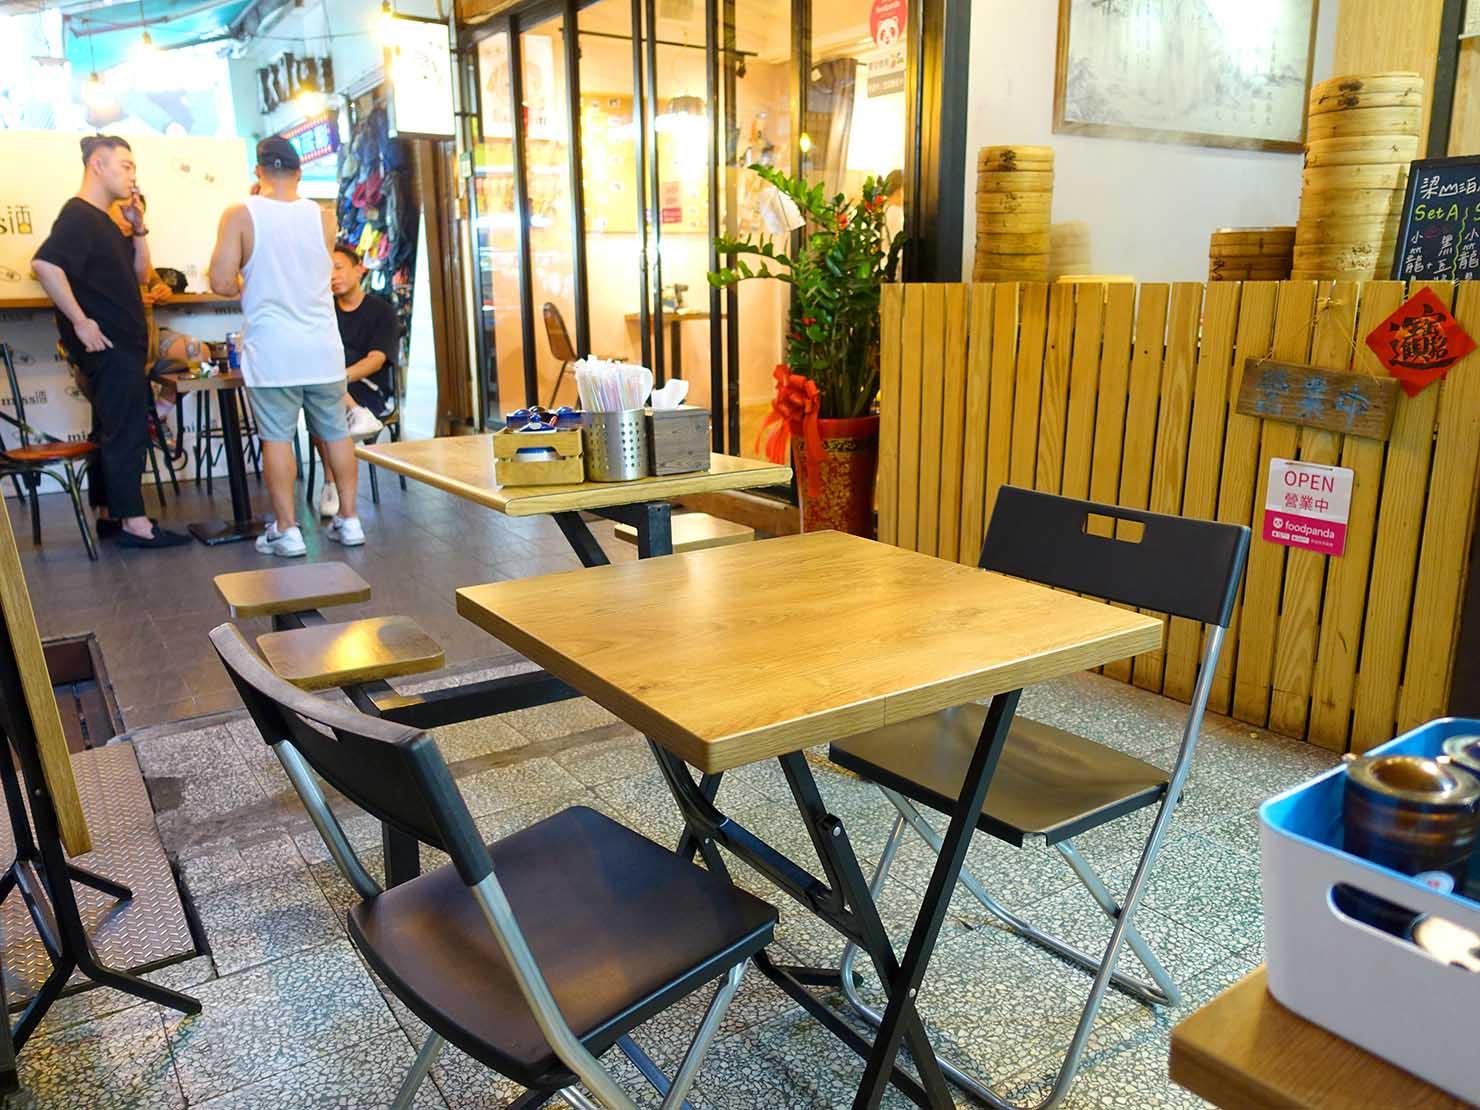 台北・西門町のおすすめグルメ店「梁山泊小籠湯包」のテーブル席